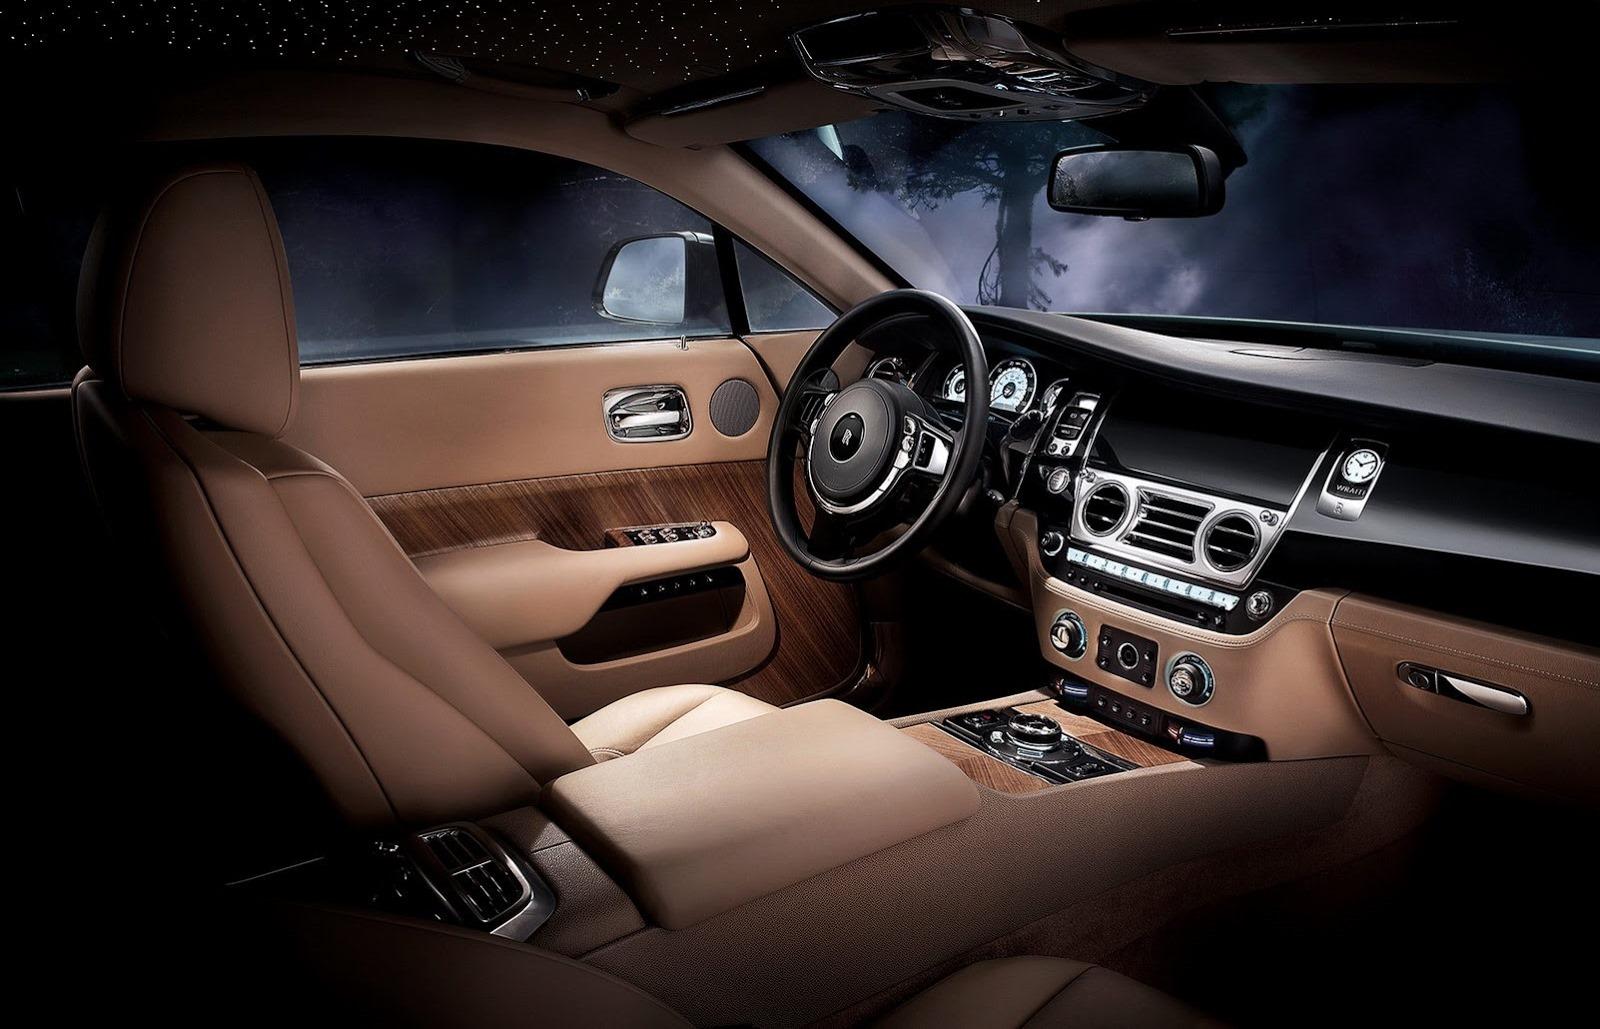 37,9€ από 120€ για Βιoλογικό Καθαρισμό & Εξωτερικό Πλύσιμο Αυτοκινήτου, στο Υψηλής τεχνολογίας ''Super Car Wash'' στo Πικέρμι εικόνα